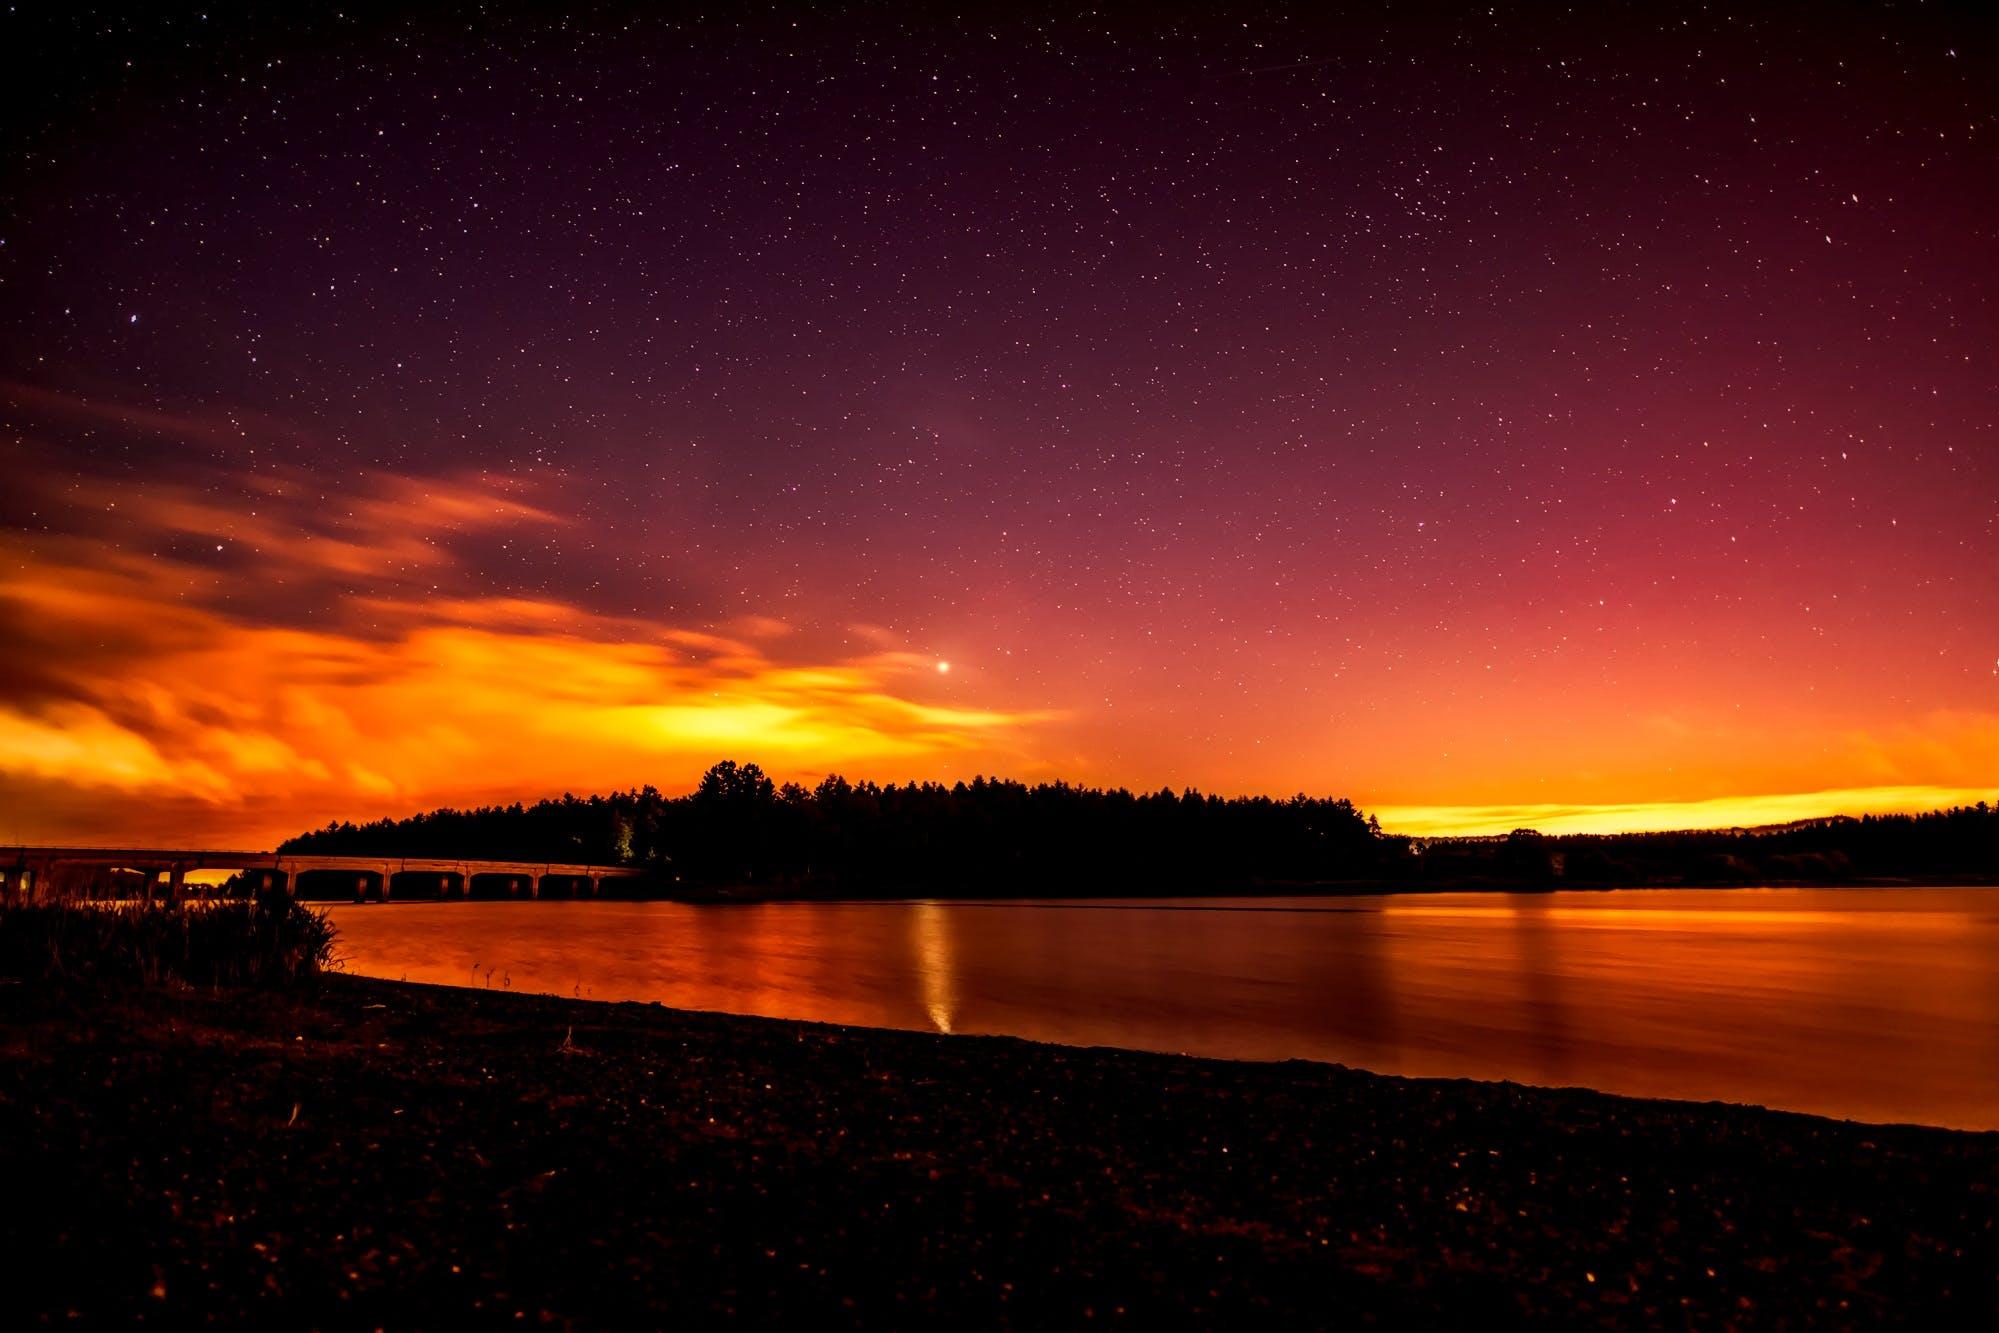 カラフル, ダーク, ブリッジ, 夕方の無料の写真素材